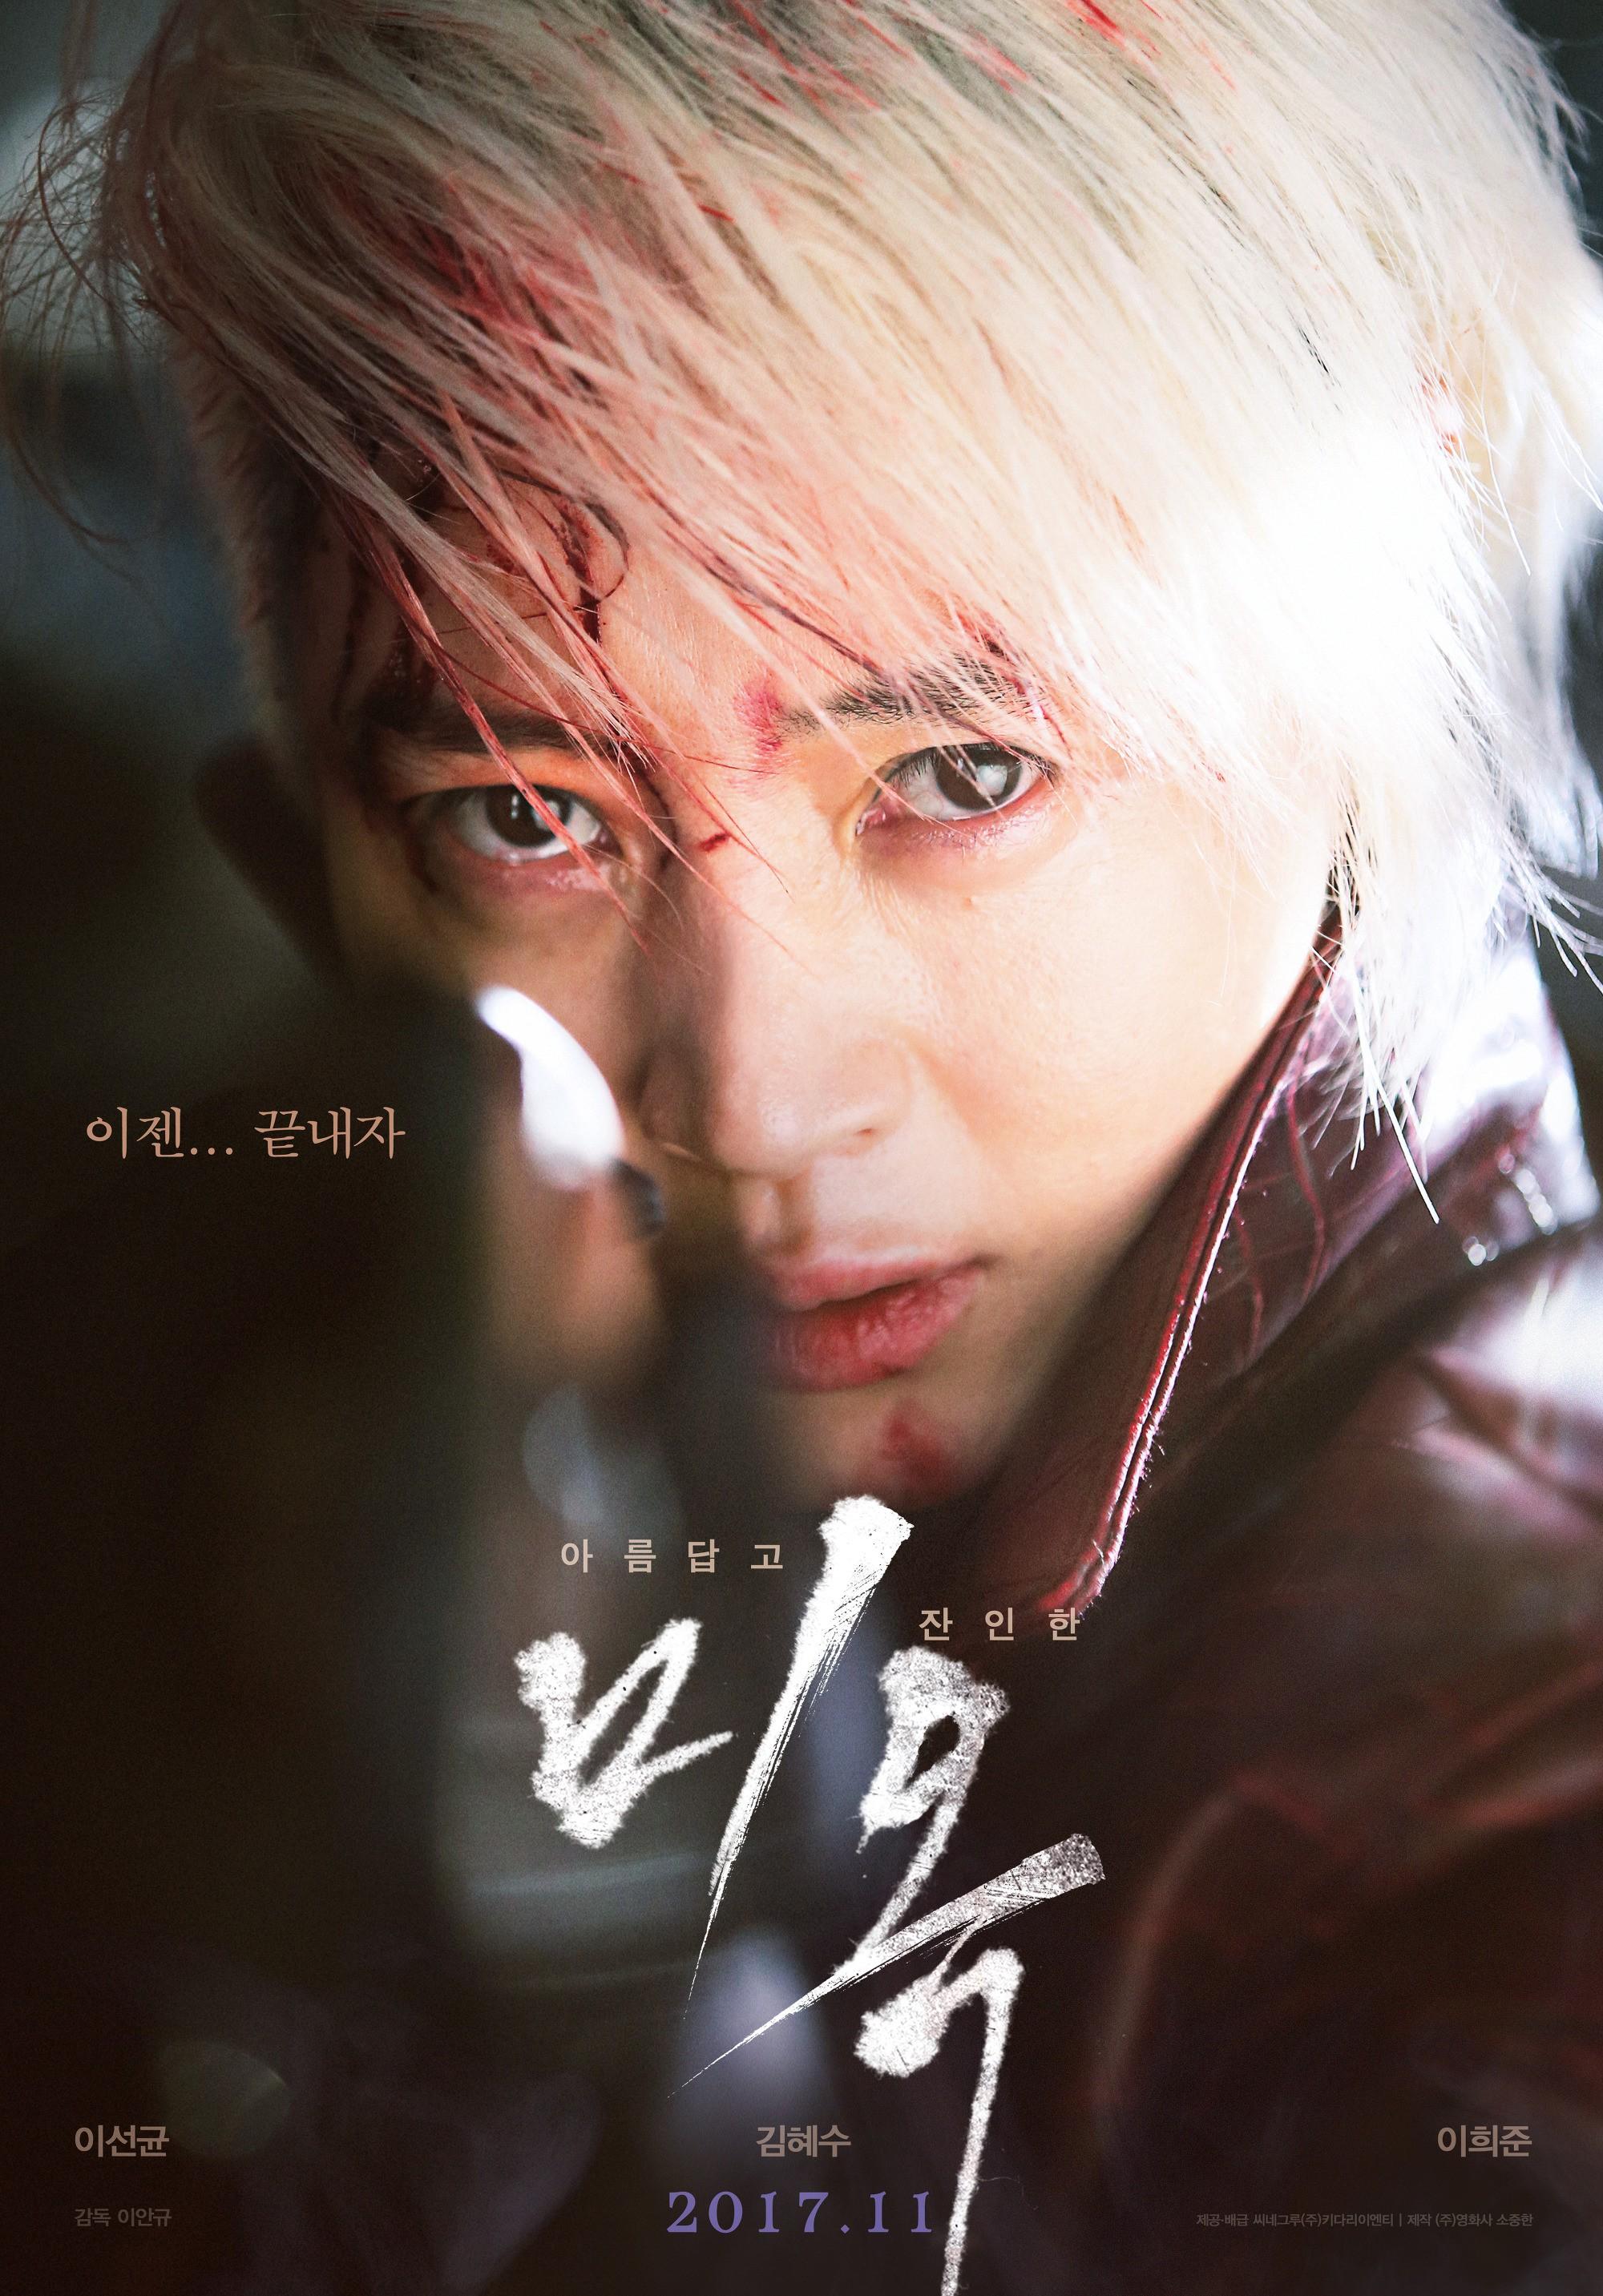 Phim mới của Kim Hye Soo khởi động thế nào tại phòng vé Hàn? - Ảnh 2.